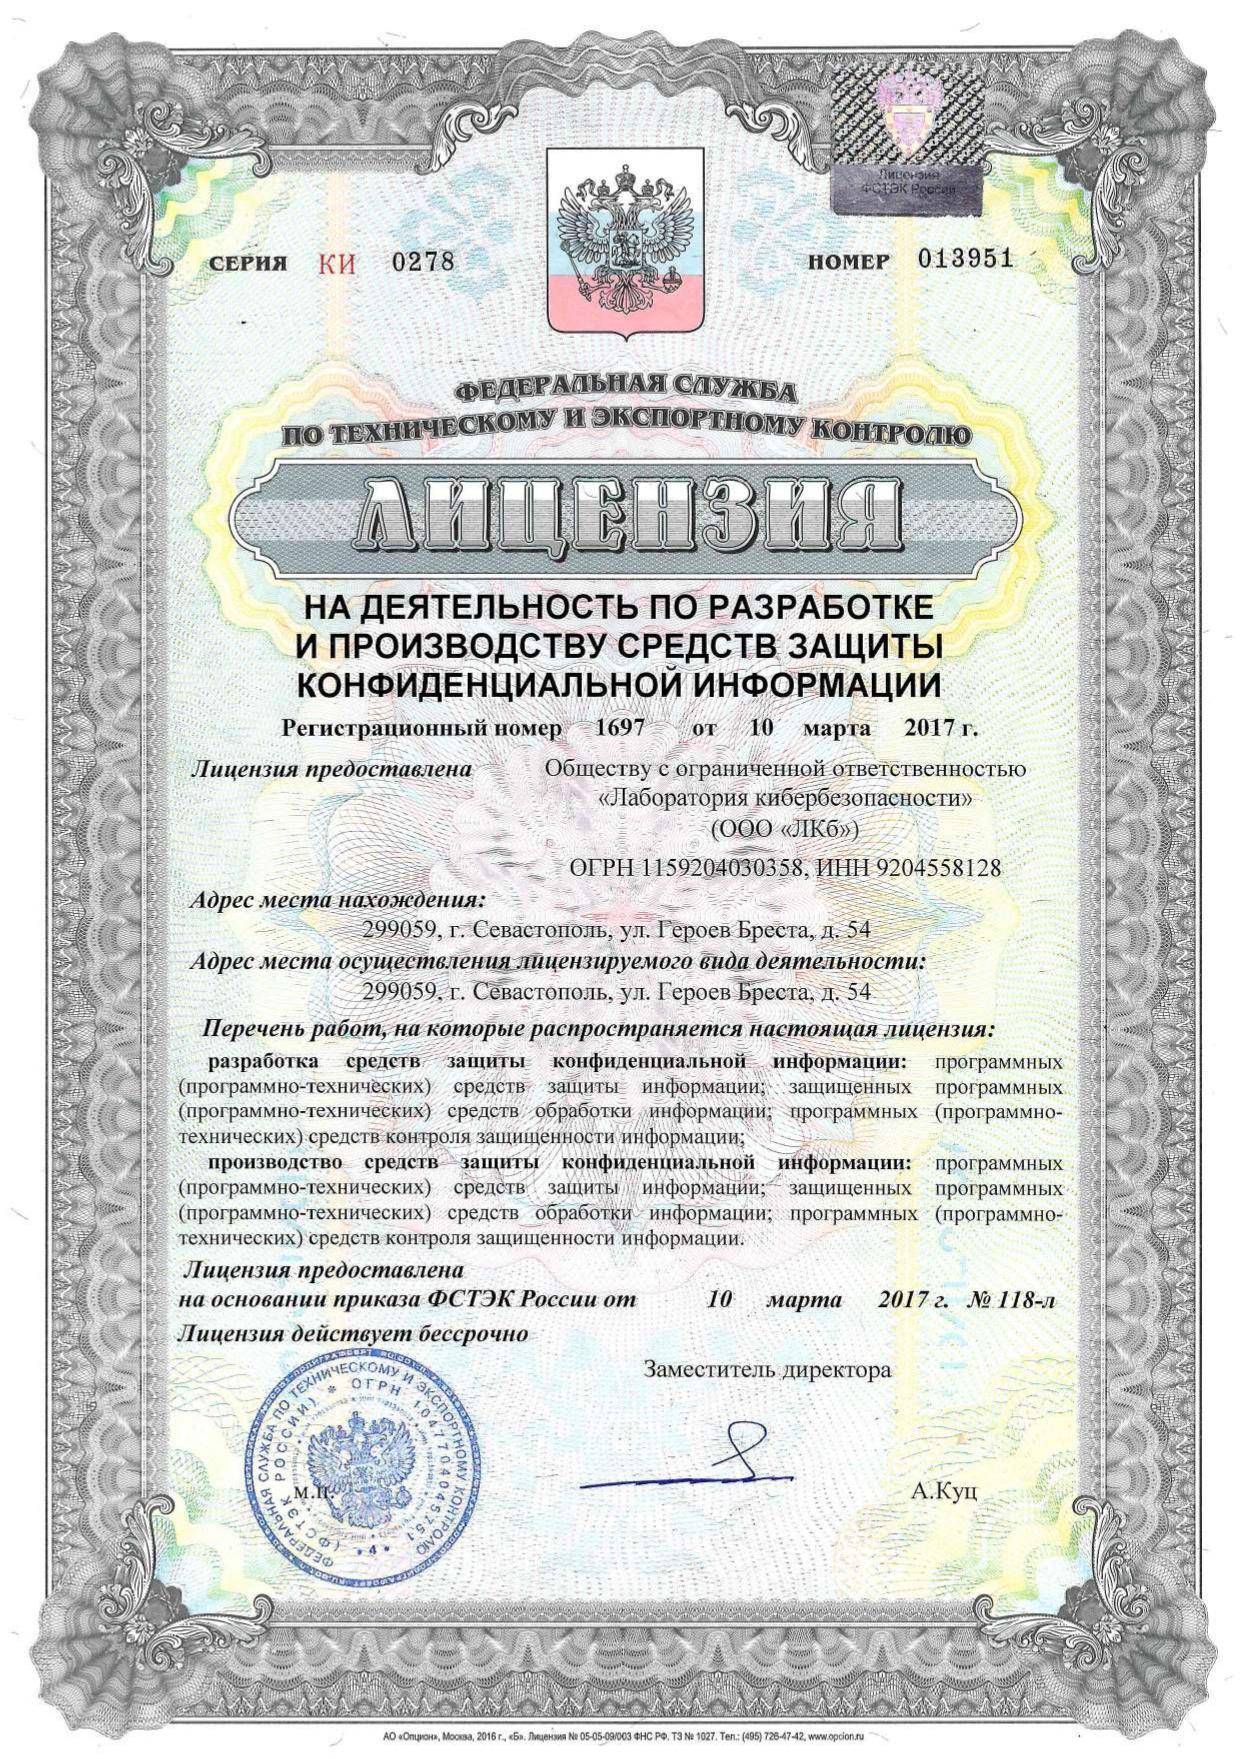 Лаборатория кибербезопасности является обладателем лицензии ФСТЭК России на деятельность по разработке и производству средств защиты конфиденциальной информации № 1697 от 10.03.2017 г.